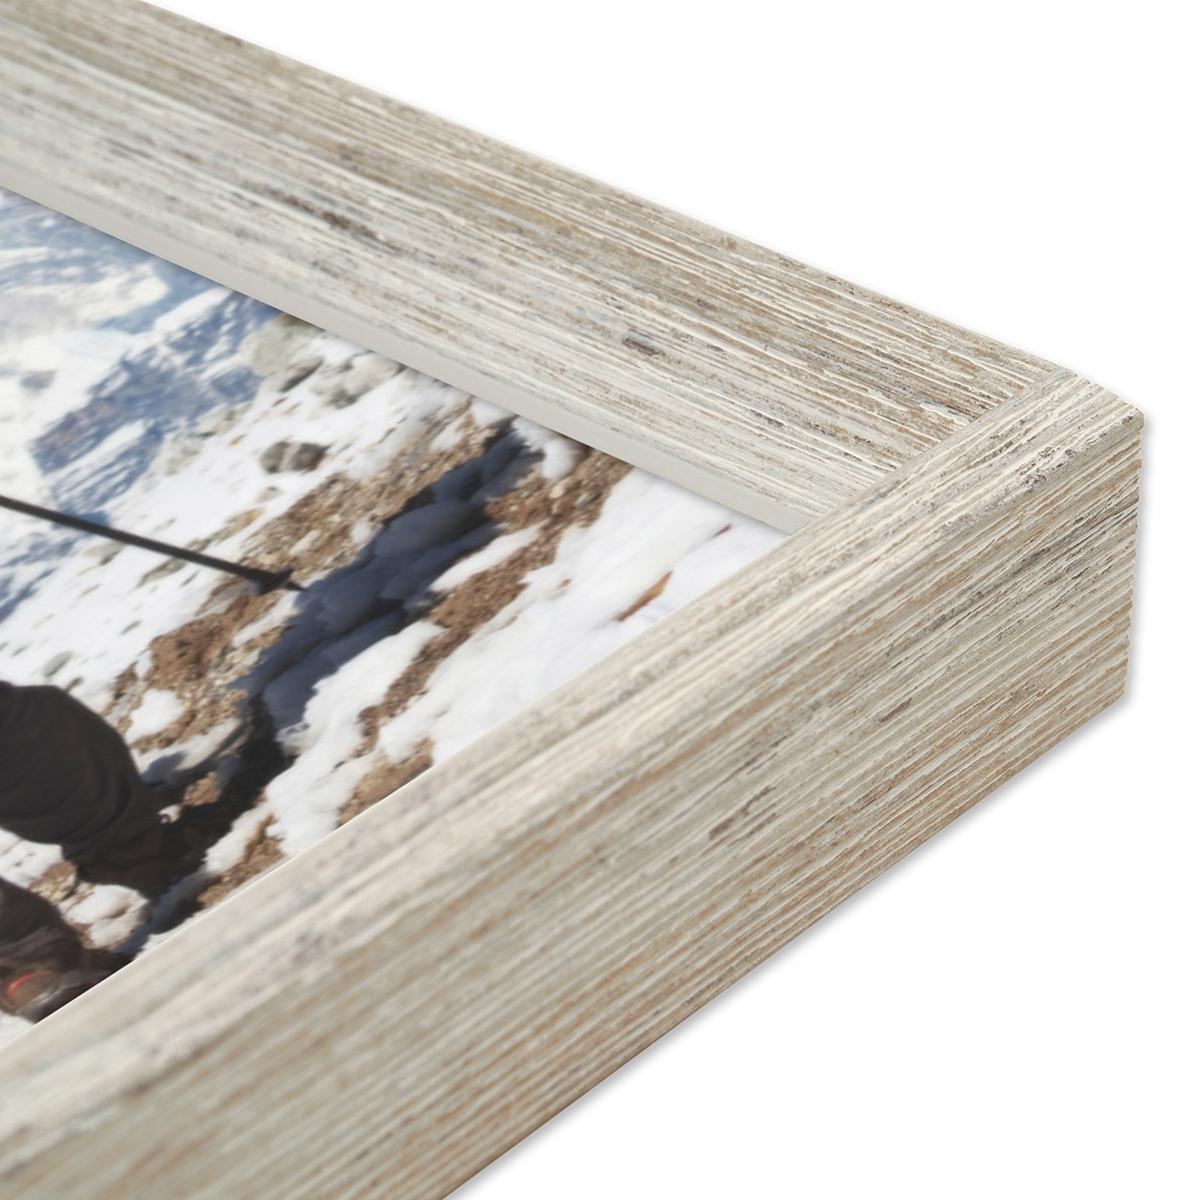 vintage bilderrahmen shabby chic weiss 60x80 cm massivholz mit acrylglasscheibe und zubeh r. Black Bedroom Furniture Sets. Home Design Ideas